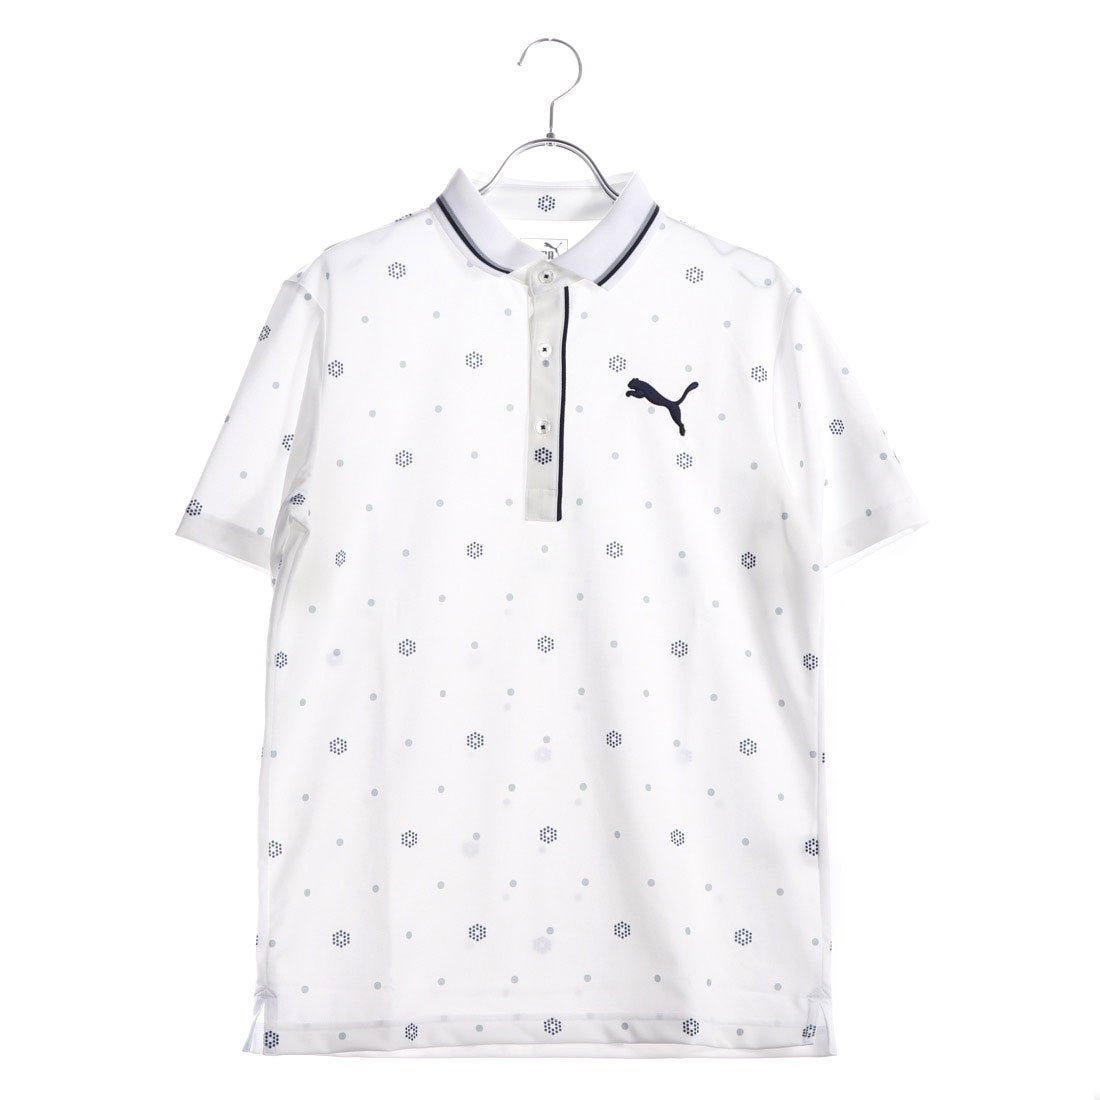 a7a7a5ef6c171 プーマ PUMA メンズ ゴルフ 半袖 シャツ ドットSS ポロシャツ 923680 -レディースファッション通販 ロコンドガールズコレクション  (ロココレ)